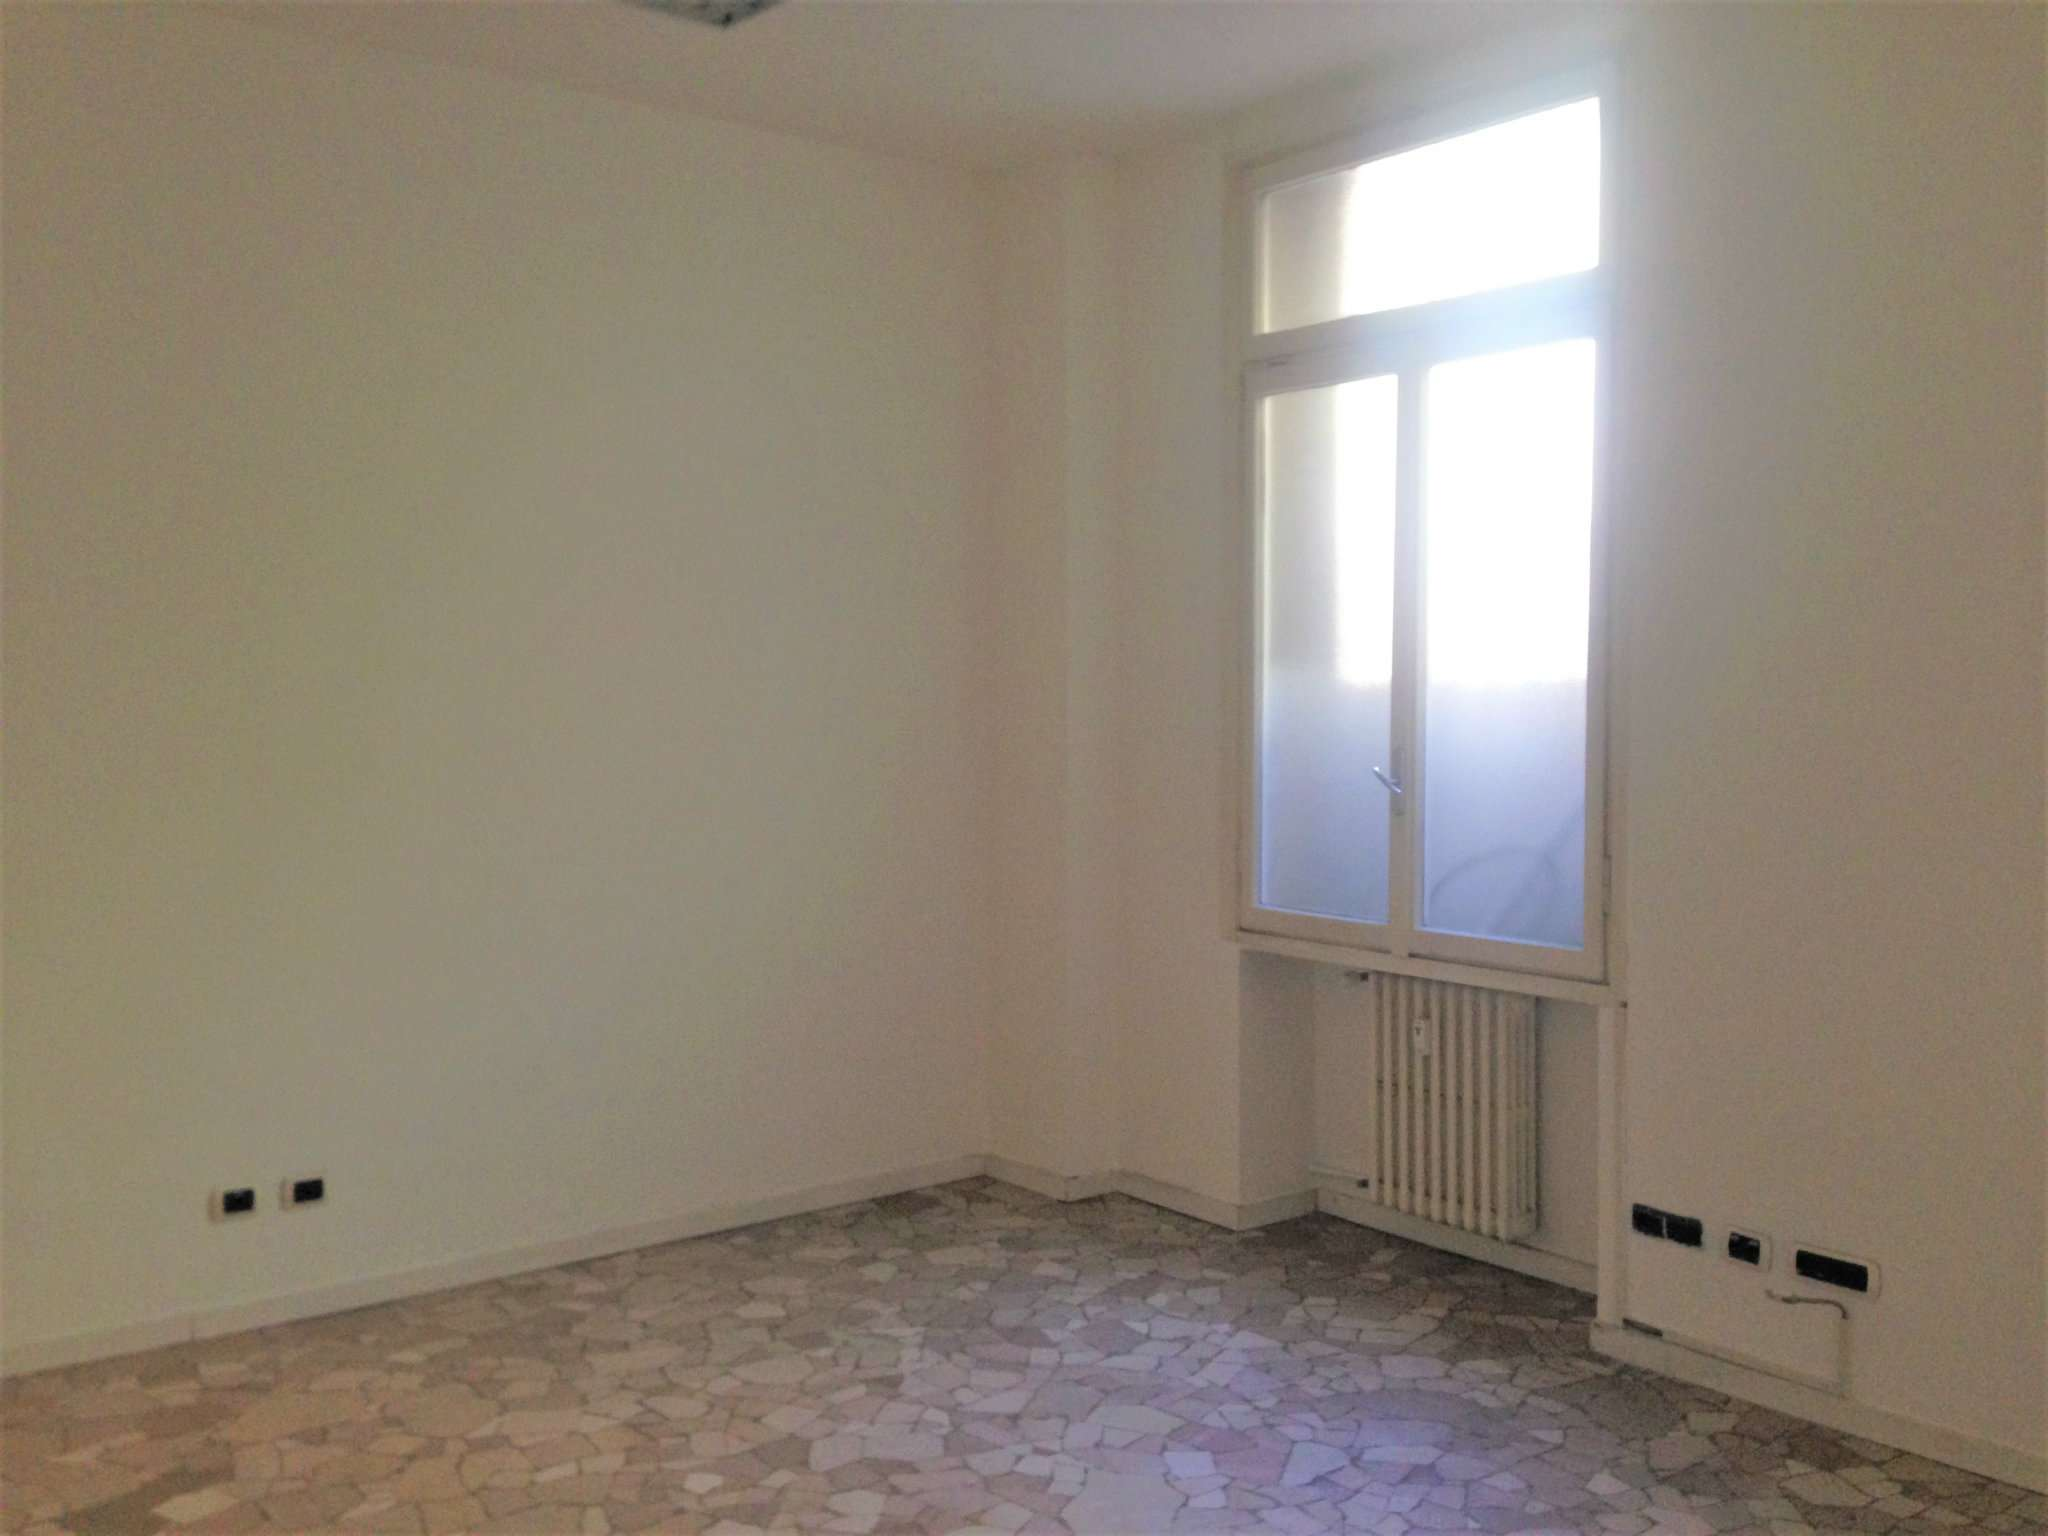 Ufficio / Studio in vendita a Milano, 3 locali, zona Zona: 18 . St. Garibaldi, Isola, Maciachini, Stelvio, Monumentale, prezzo € 350.000 | CambioCasa.it